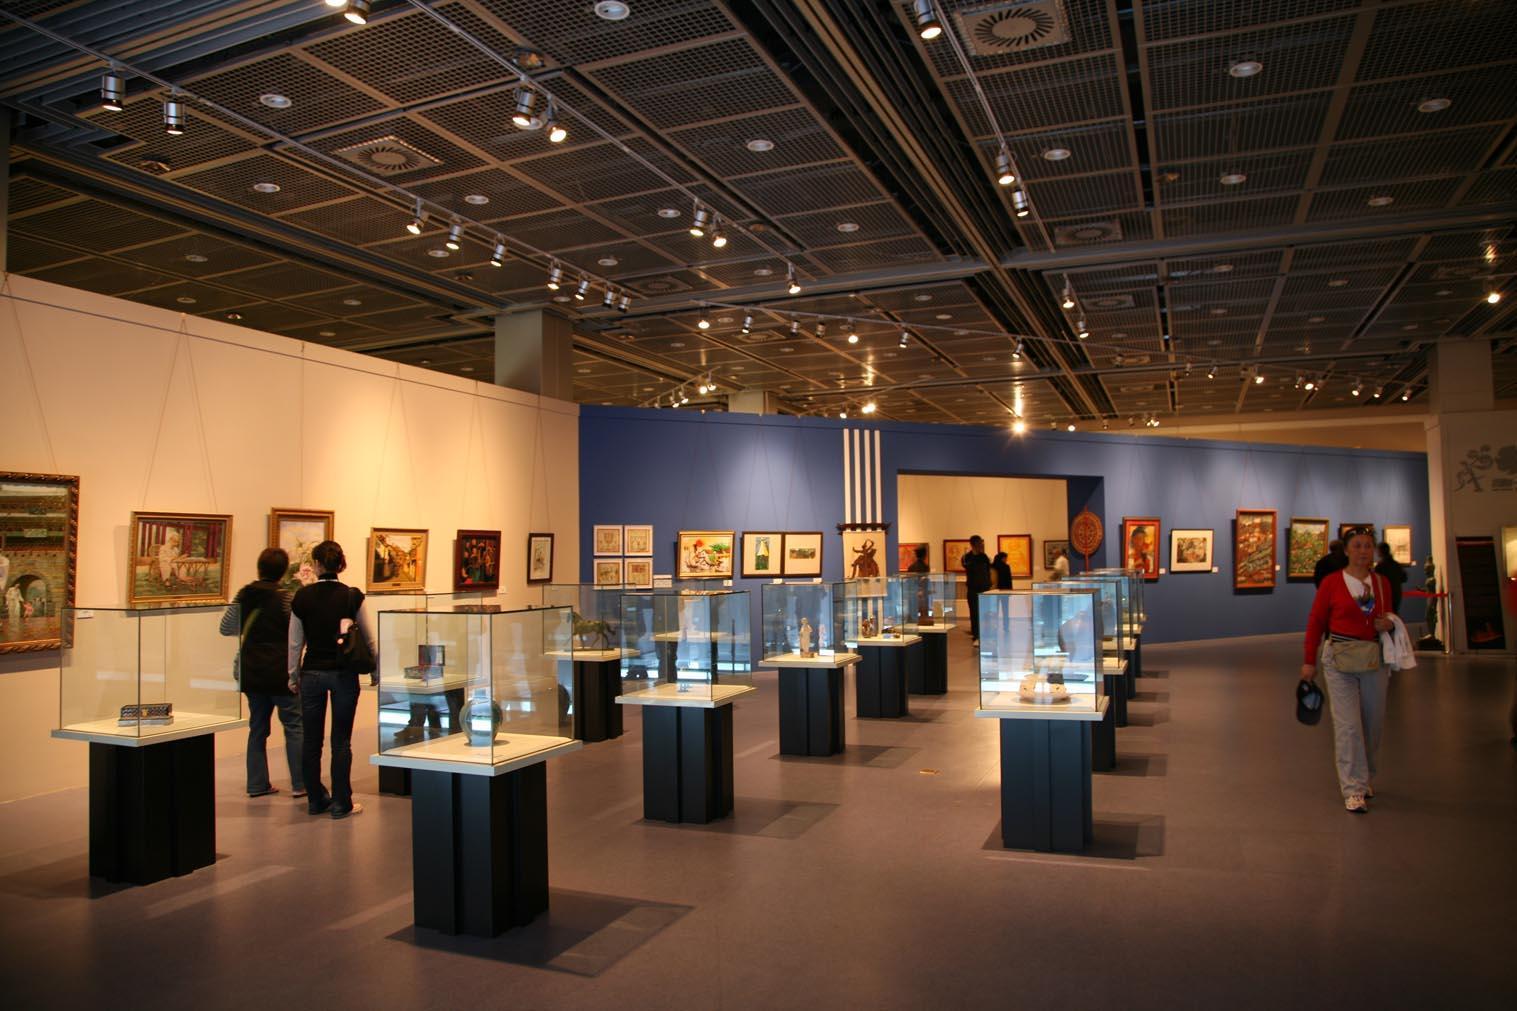 4月6日截止!2020年全国美术馆馆藏精品展出季活动申报启动